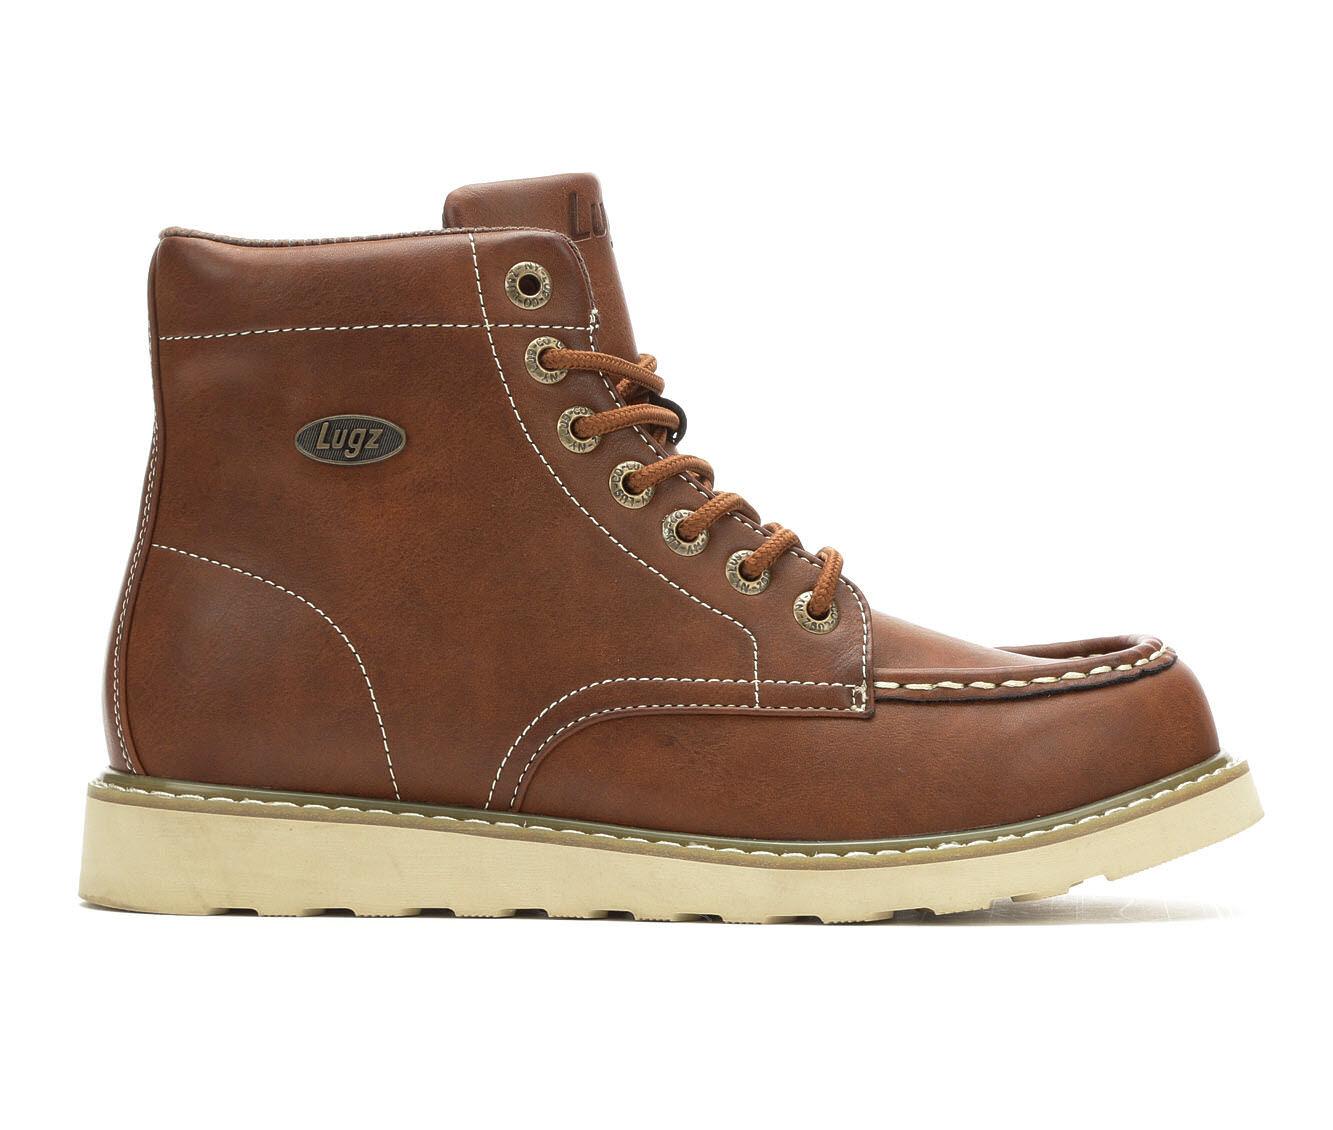 Men's Lugz Roamer Hi Boots Dk Brown/Gum